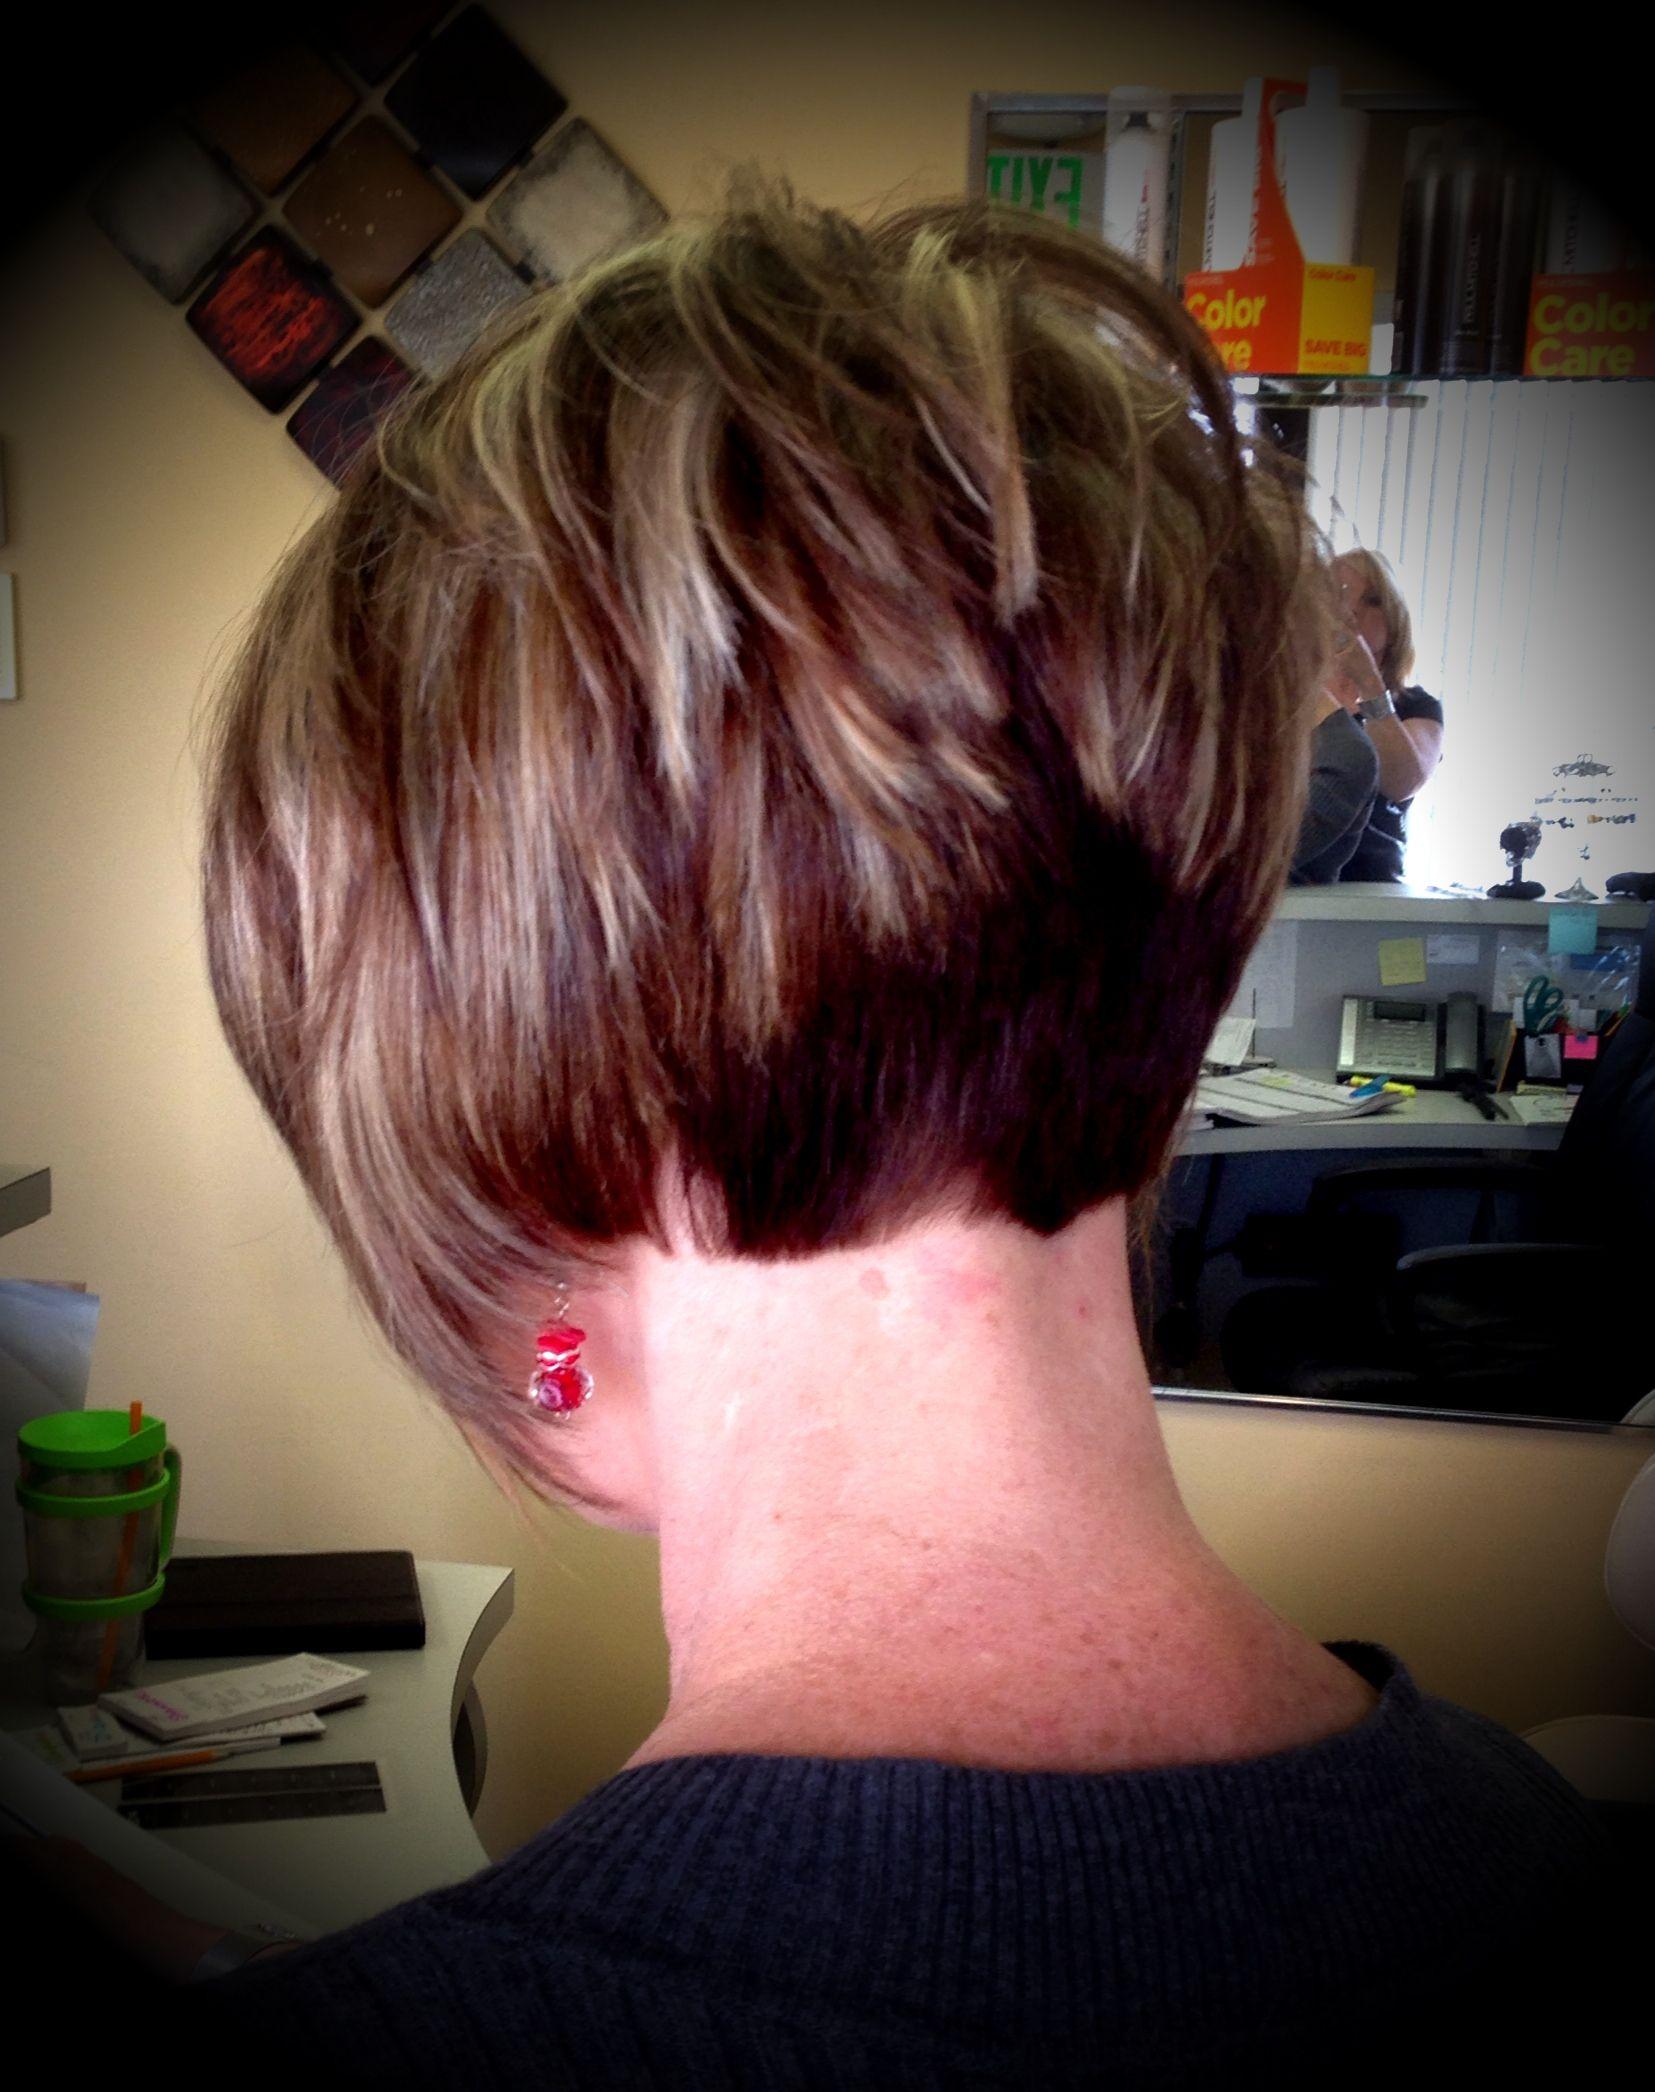 Neckline Haircut For Ladies : neckline, haircut, ladies, Neckline, Short, Hairstyles,, Styles,, Asymmetrical, Haircut